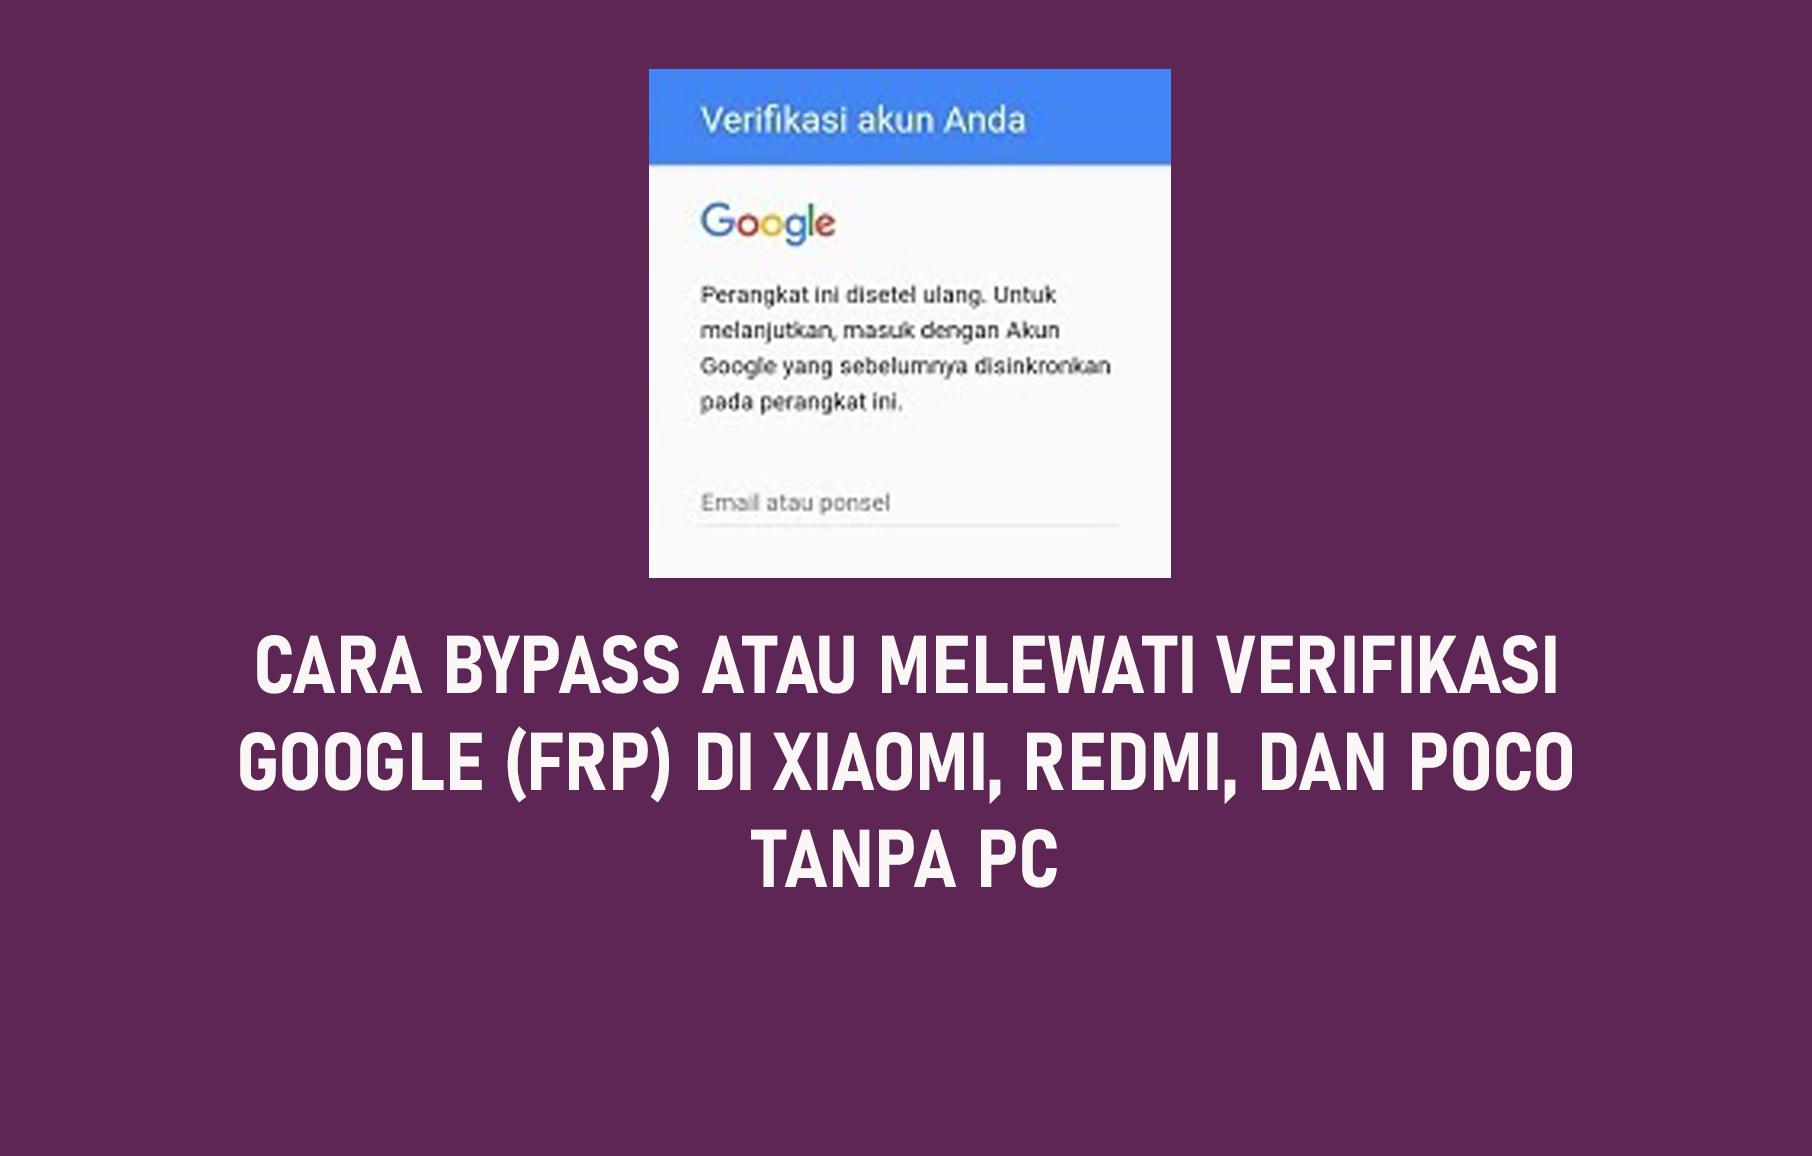 Cara Bypass Atau Melewati Verifikasi Google (FRP) Di Xiaomi, Redmi, dan POCO